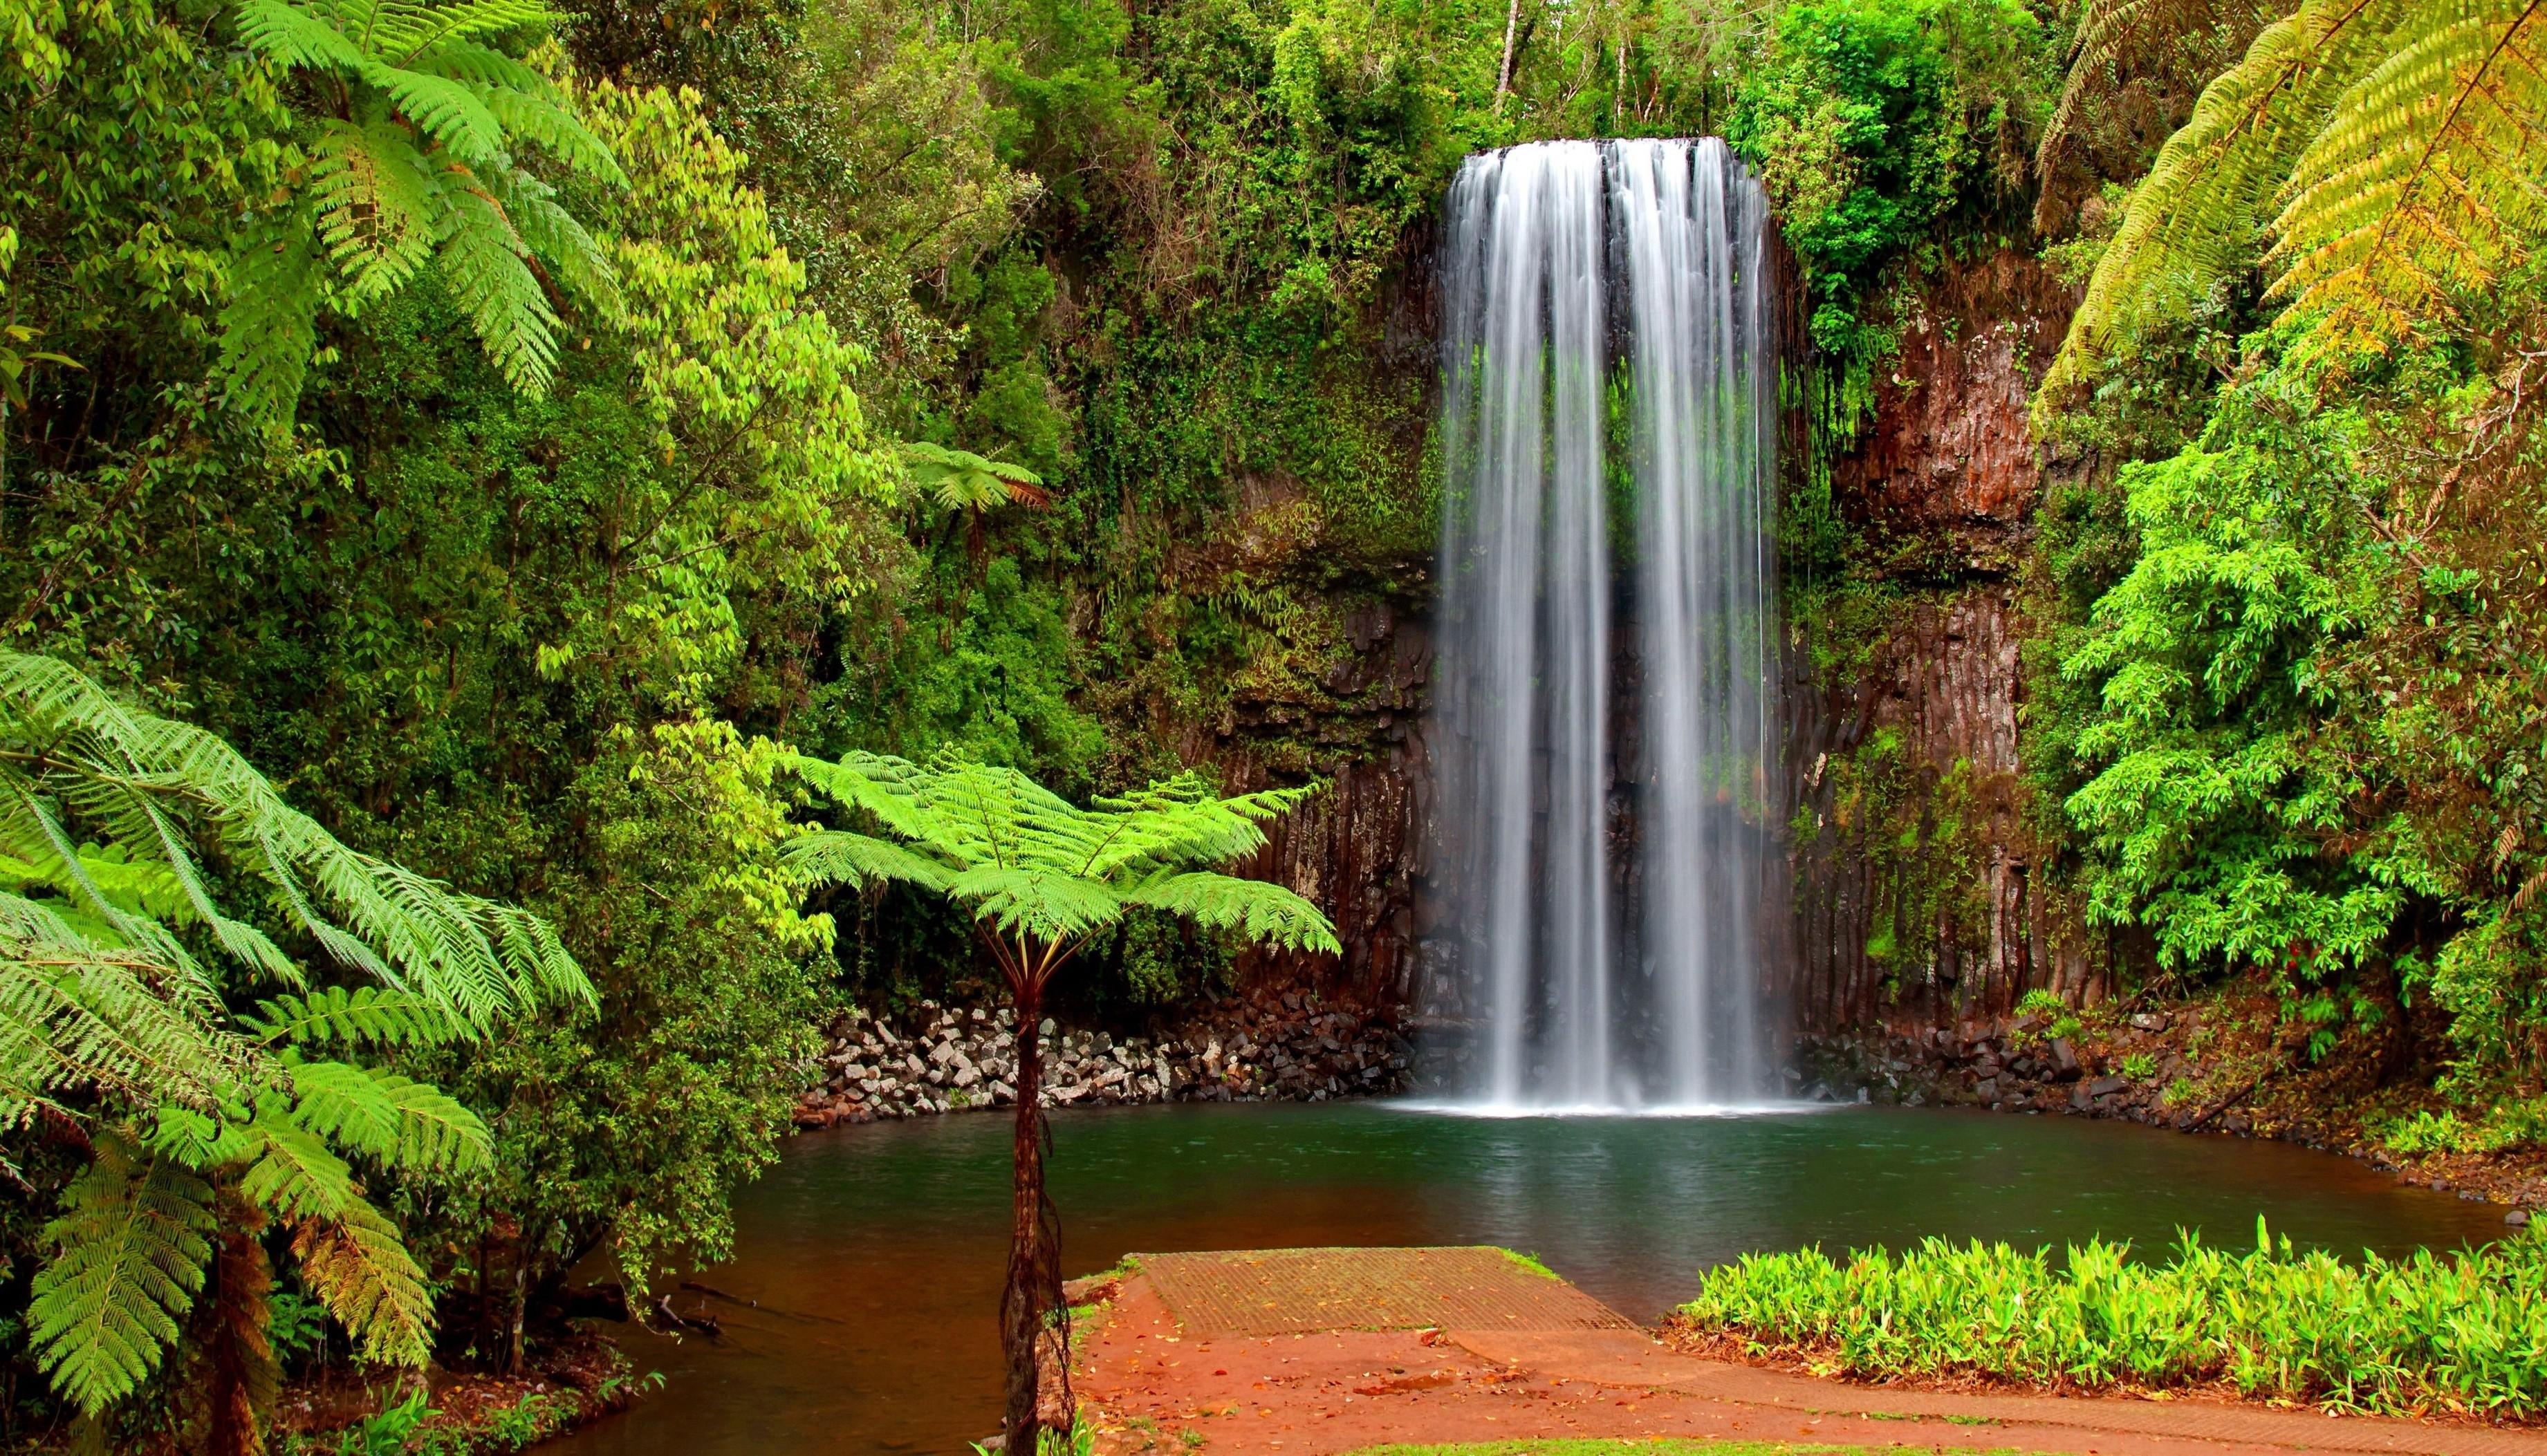 fond d 39 cran paysage cascade vert jungle courant for t tropicale arbre l 39 automne. Black Bedroom Furniture Sets. Home Design Ideas